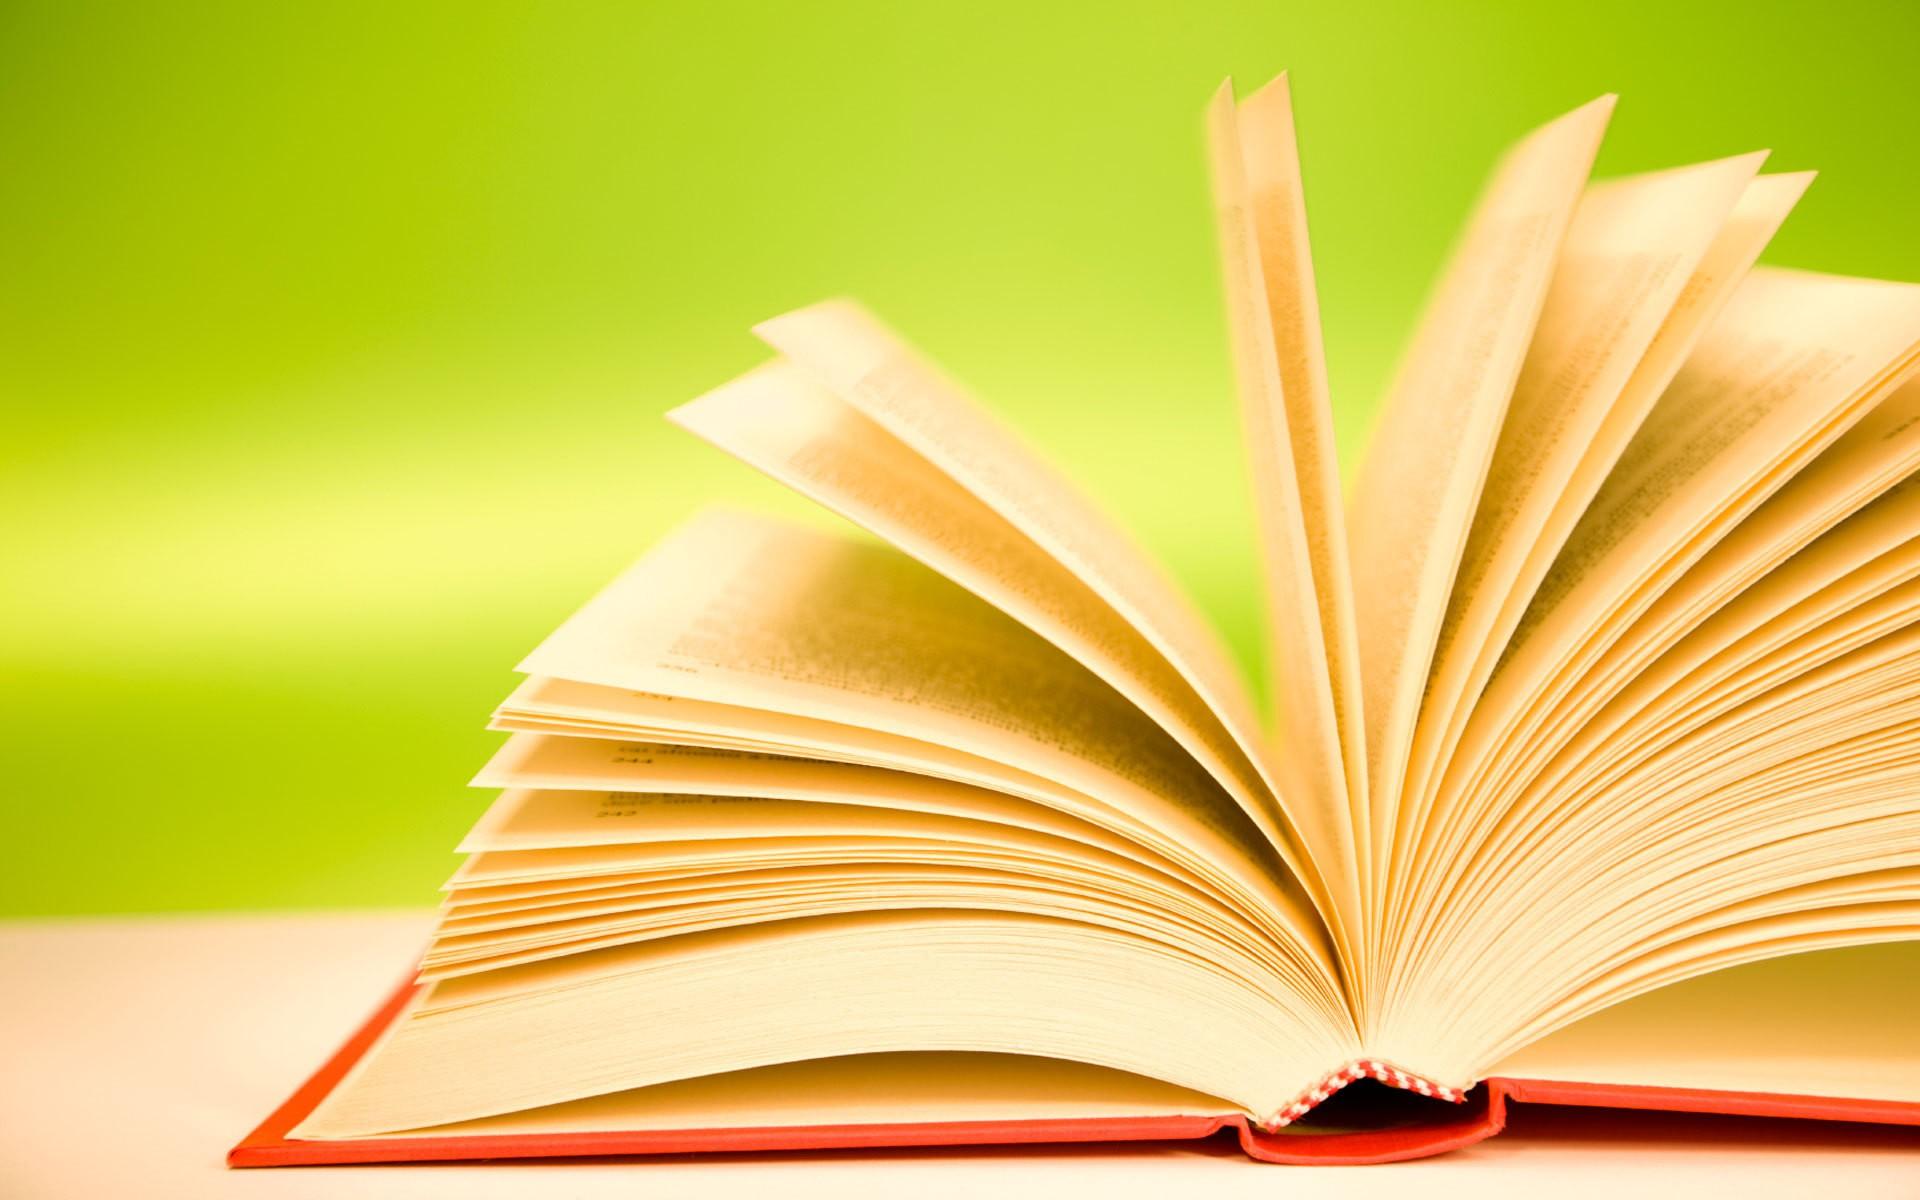 ТОП-5 книжек, обязательных к чтению, возглавил роман Ремарка